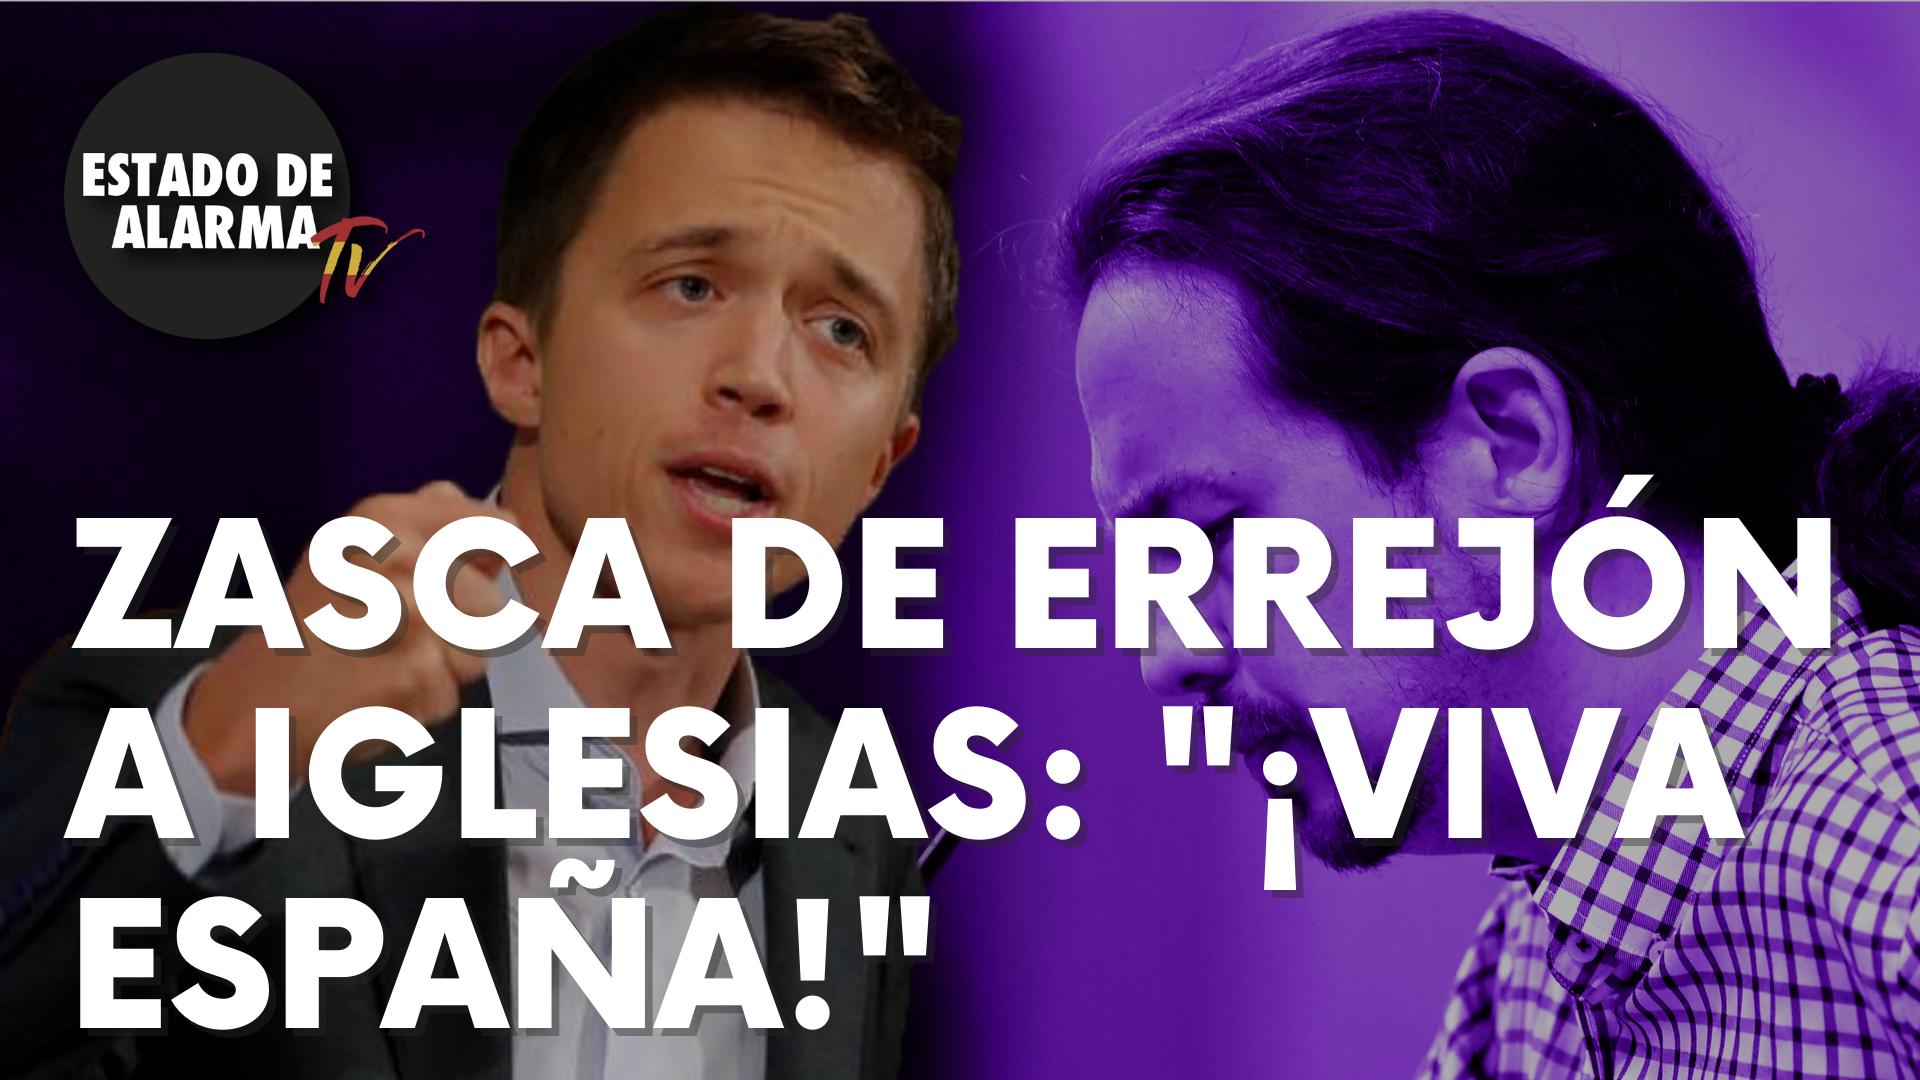 """Brutal zasca del ex de Podemos, Íñigo Errejón, al actual líder morado Pablo Iglesias: """"¡Víva España!"""""""